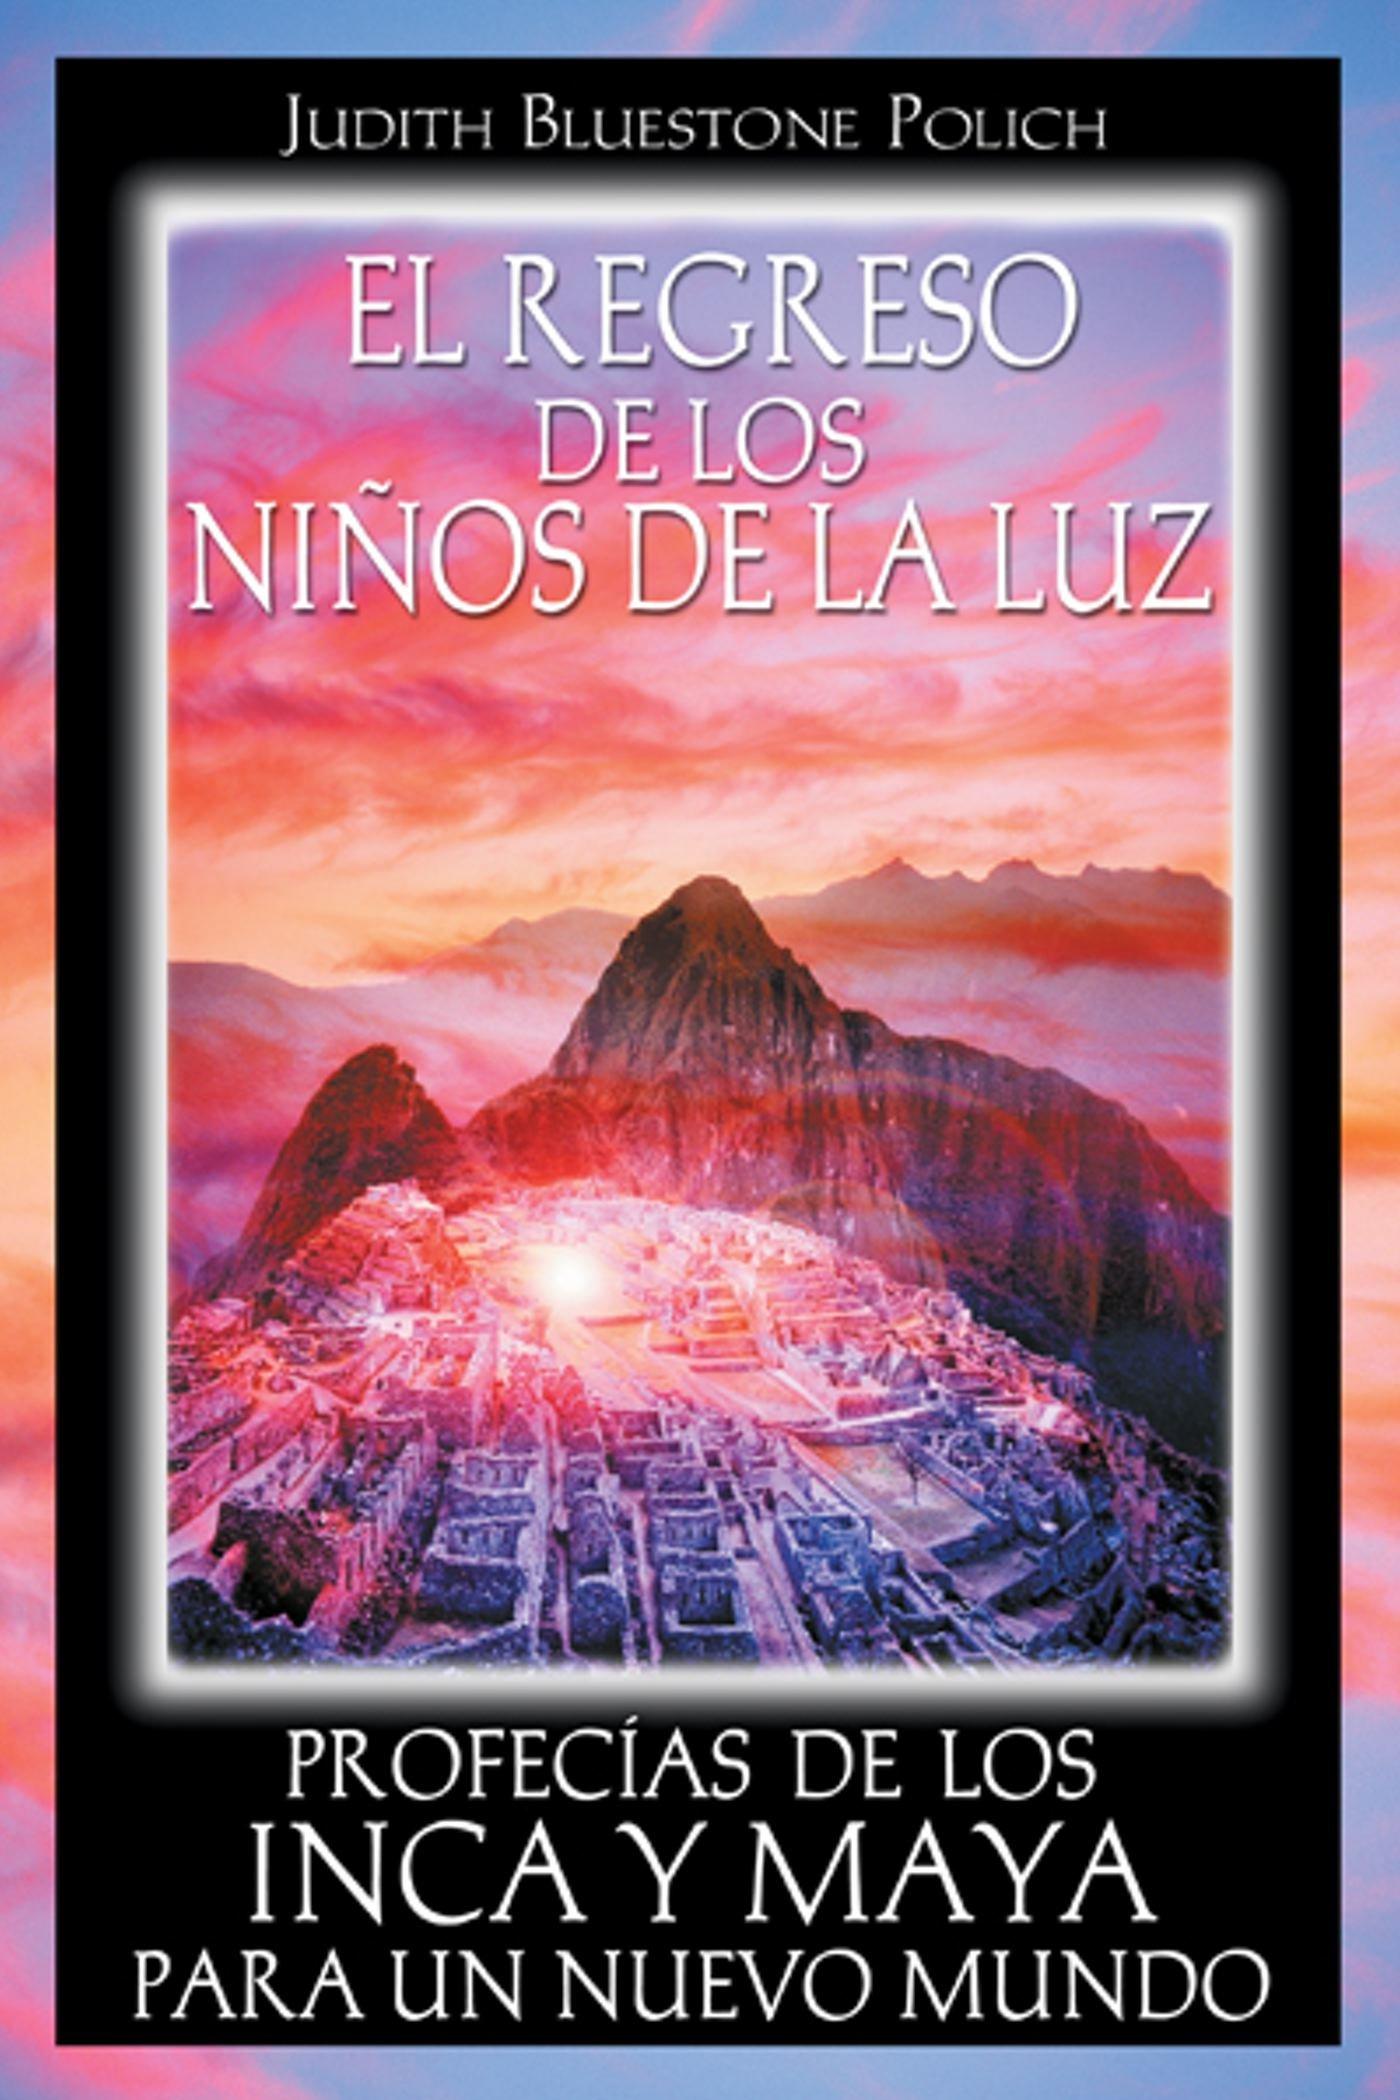 El regreso de los niños de la luz: Profecías de los Inca y Maya para un nuevo mundo (Spanish Edition)